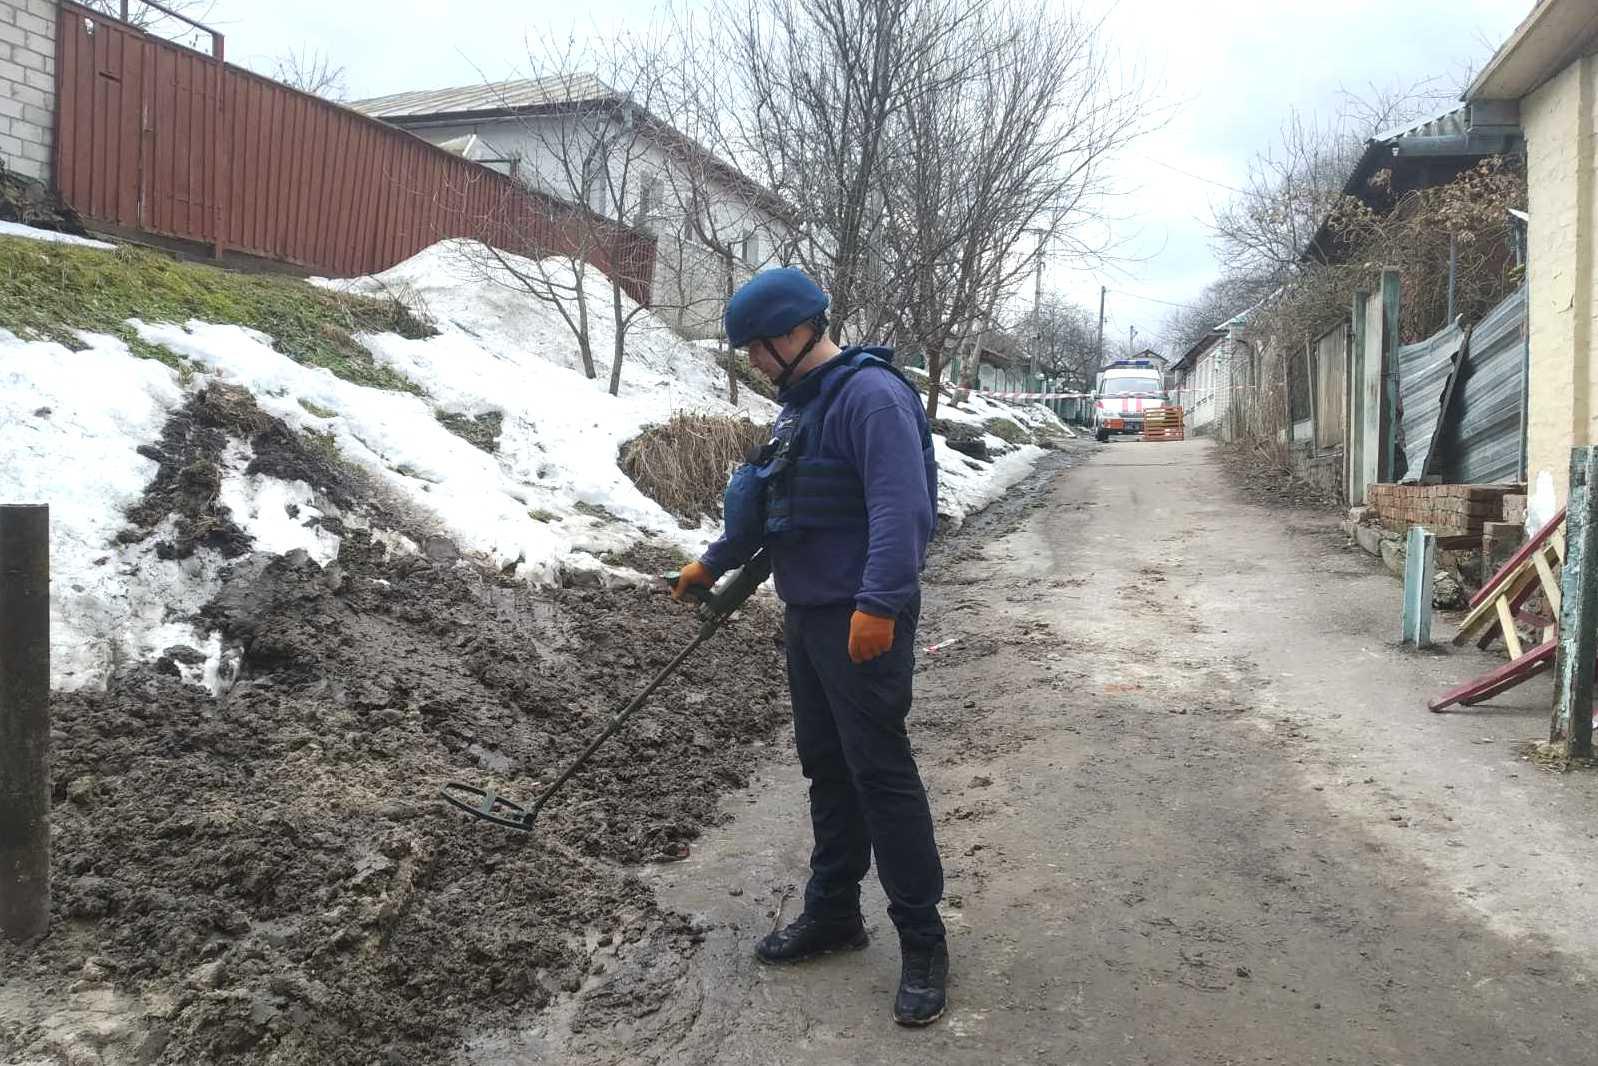 Аварійні розкопки: у Чернігові знайшли артилерійський снаряд (Фото)